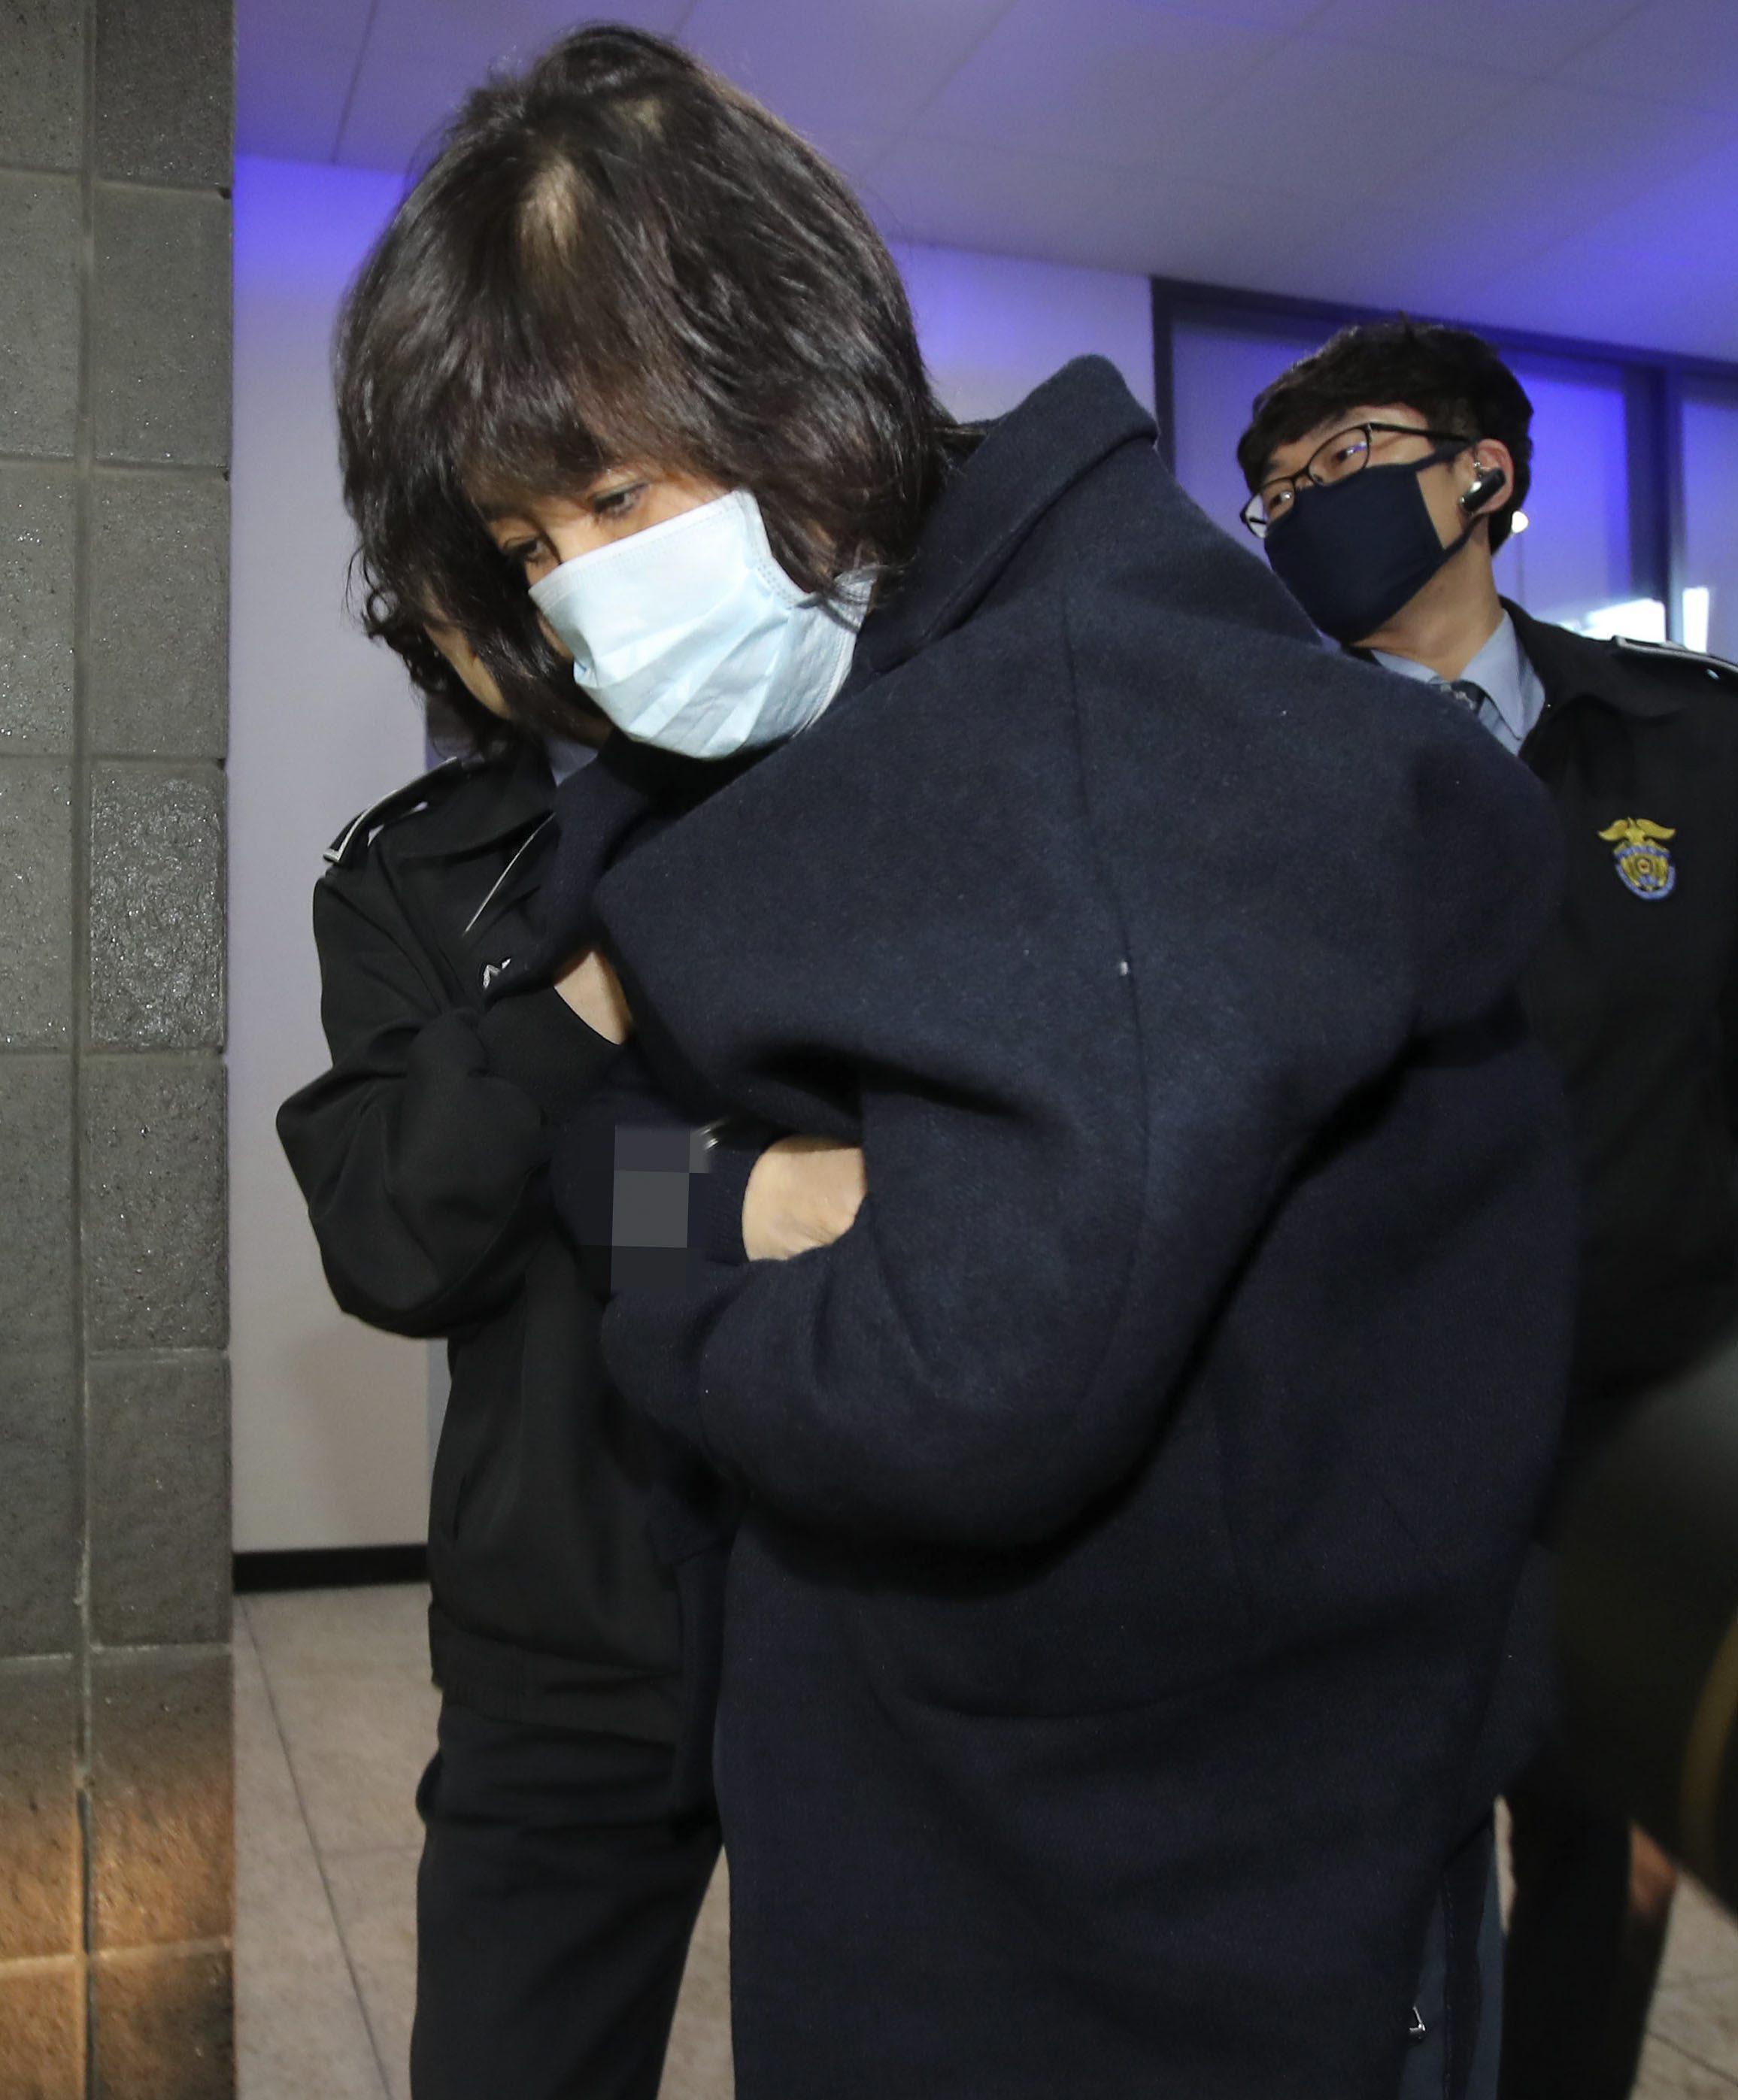 Corea Sud:chiesti 25 anni per 'sciamana'